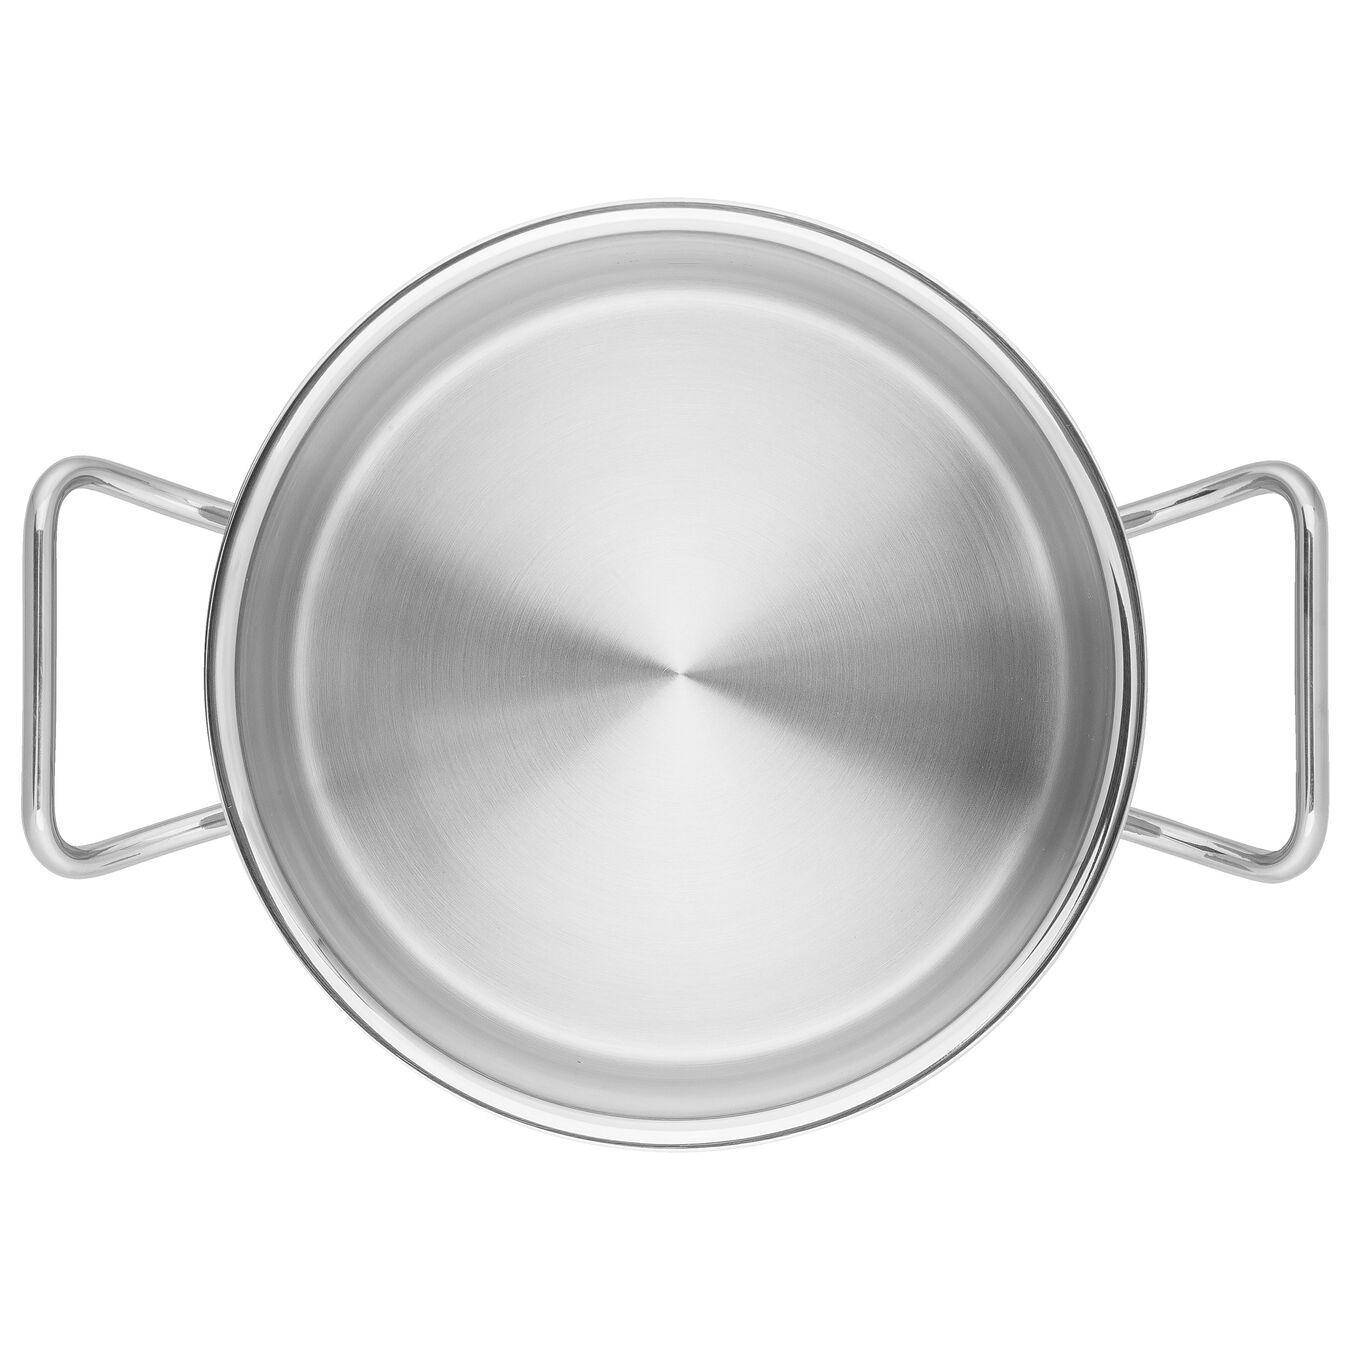 Tegame - 28 cm, 18/10 Acciaio inossidabile,,large 4